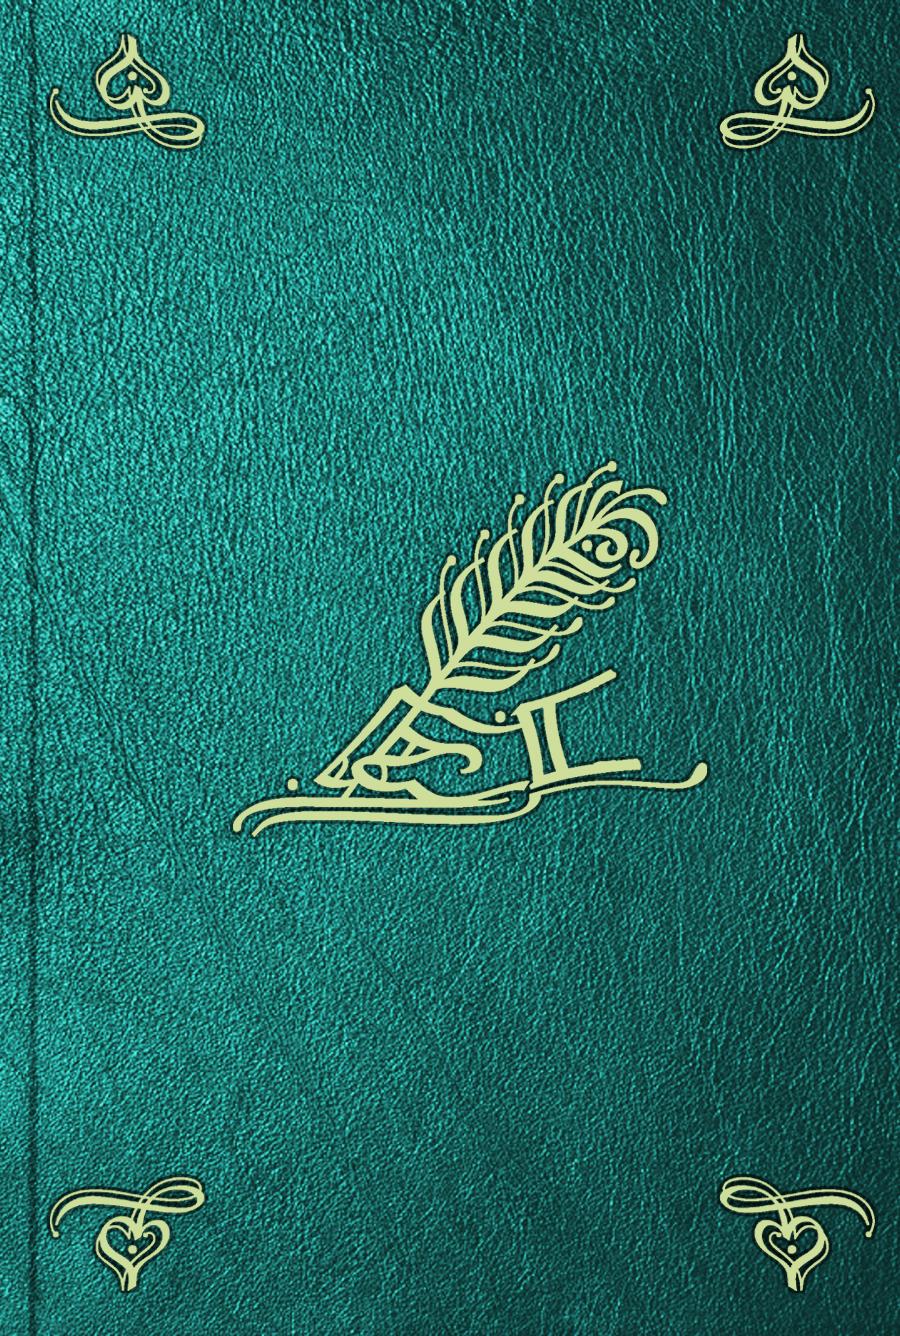 Joseph von Hormayr Wien, seine Geschicke und seine Denkwürdigkeiten. Bd. 1, H. 2 j keats hyperion mit einleitung hrsg von johannes hoops